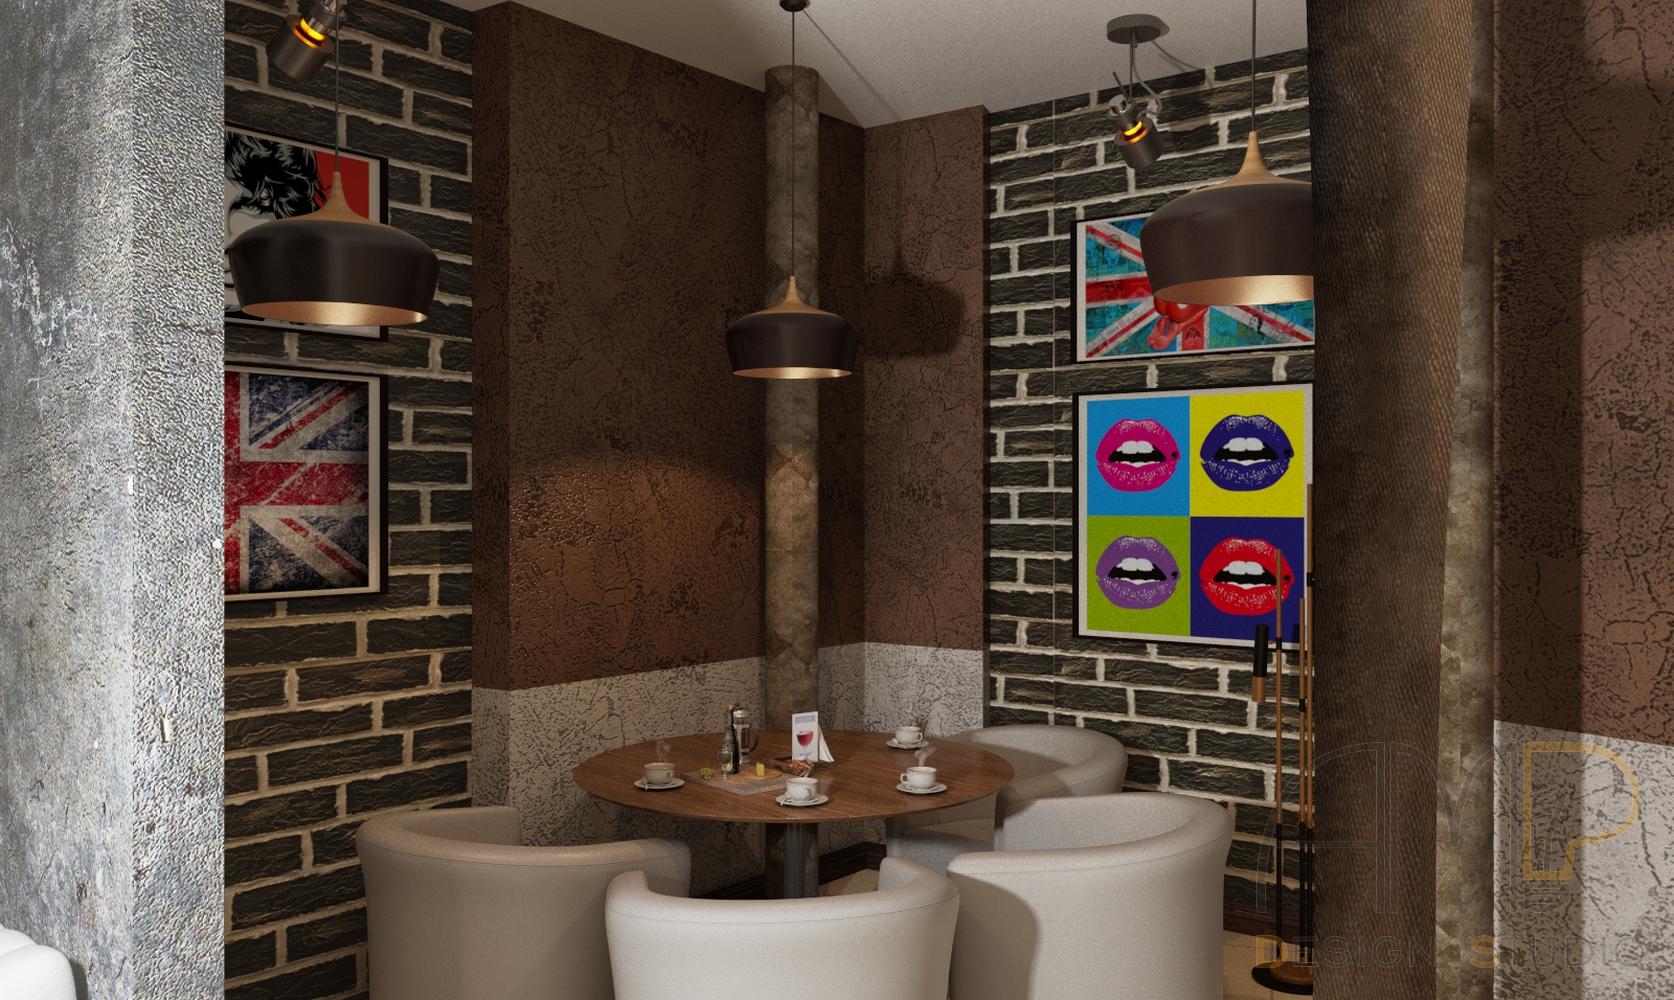 gibs-restoran-5